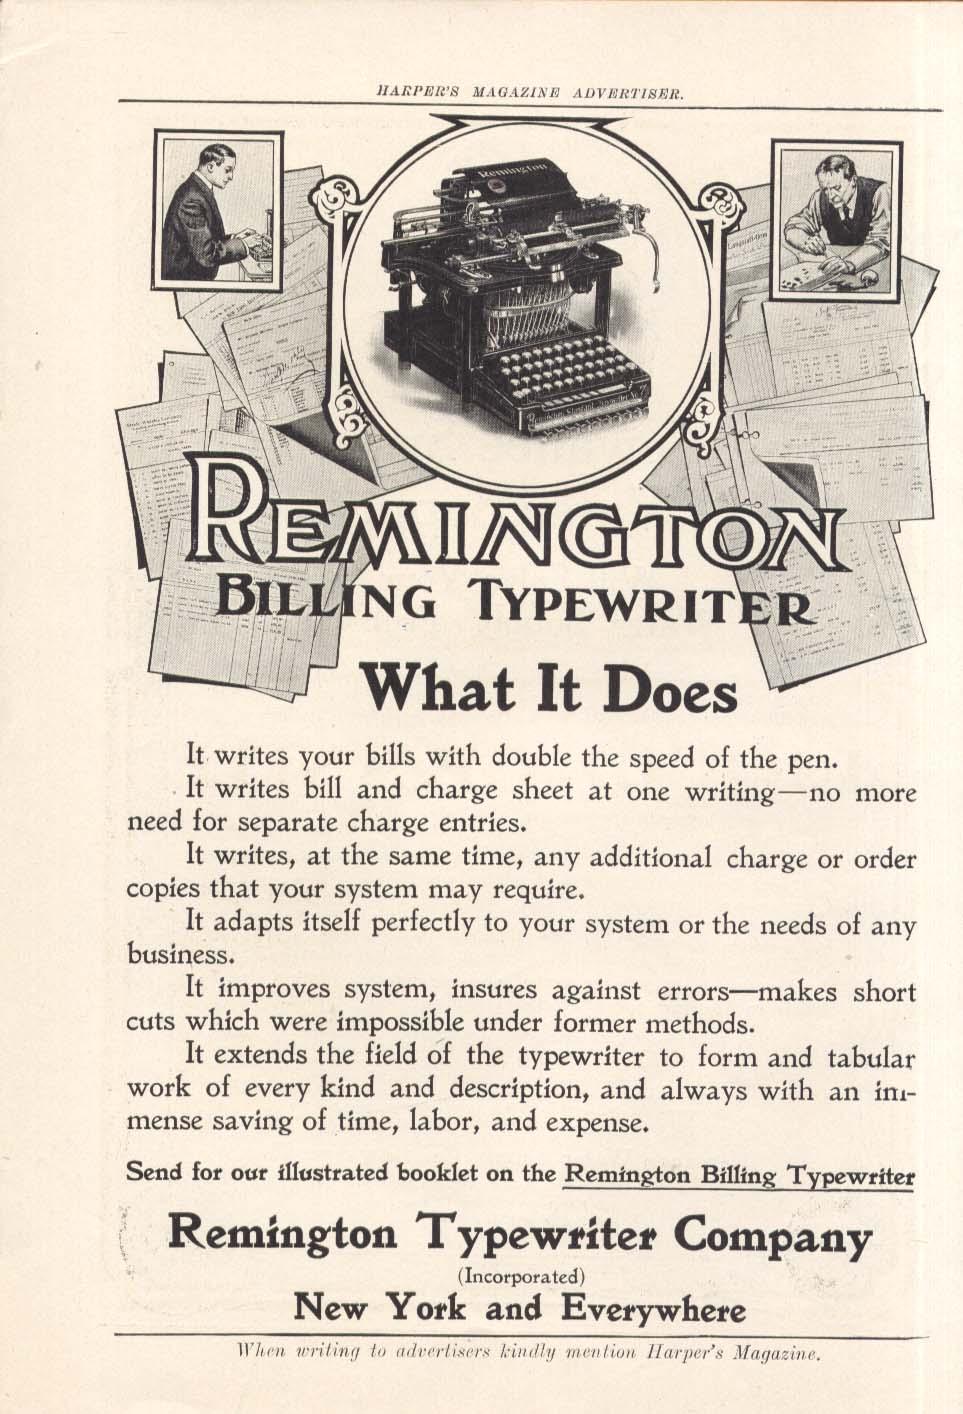 Remington Billing Typewriter - What it does ad 1907